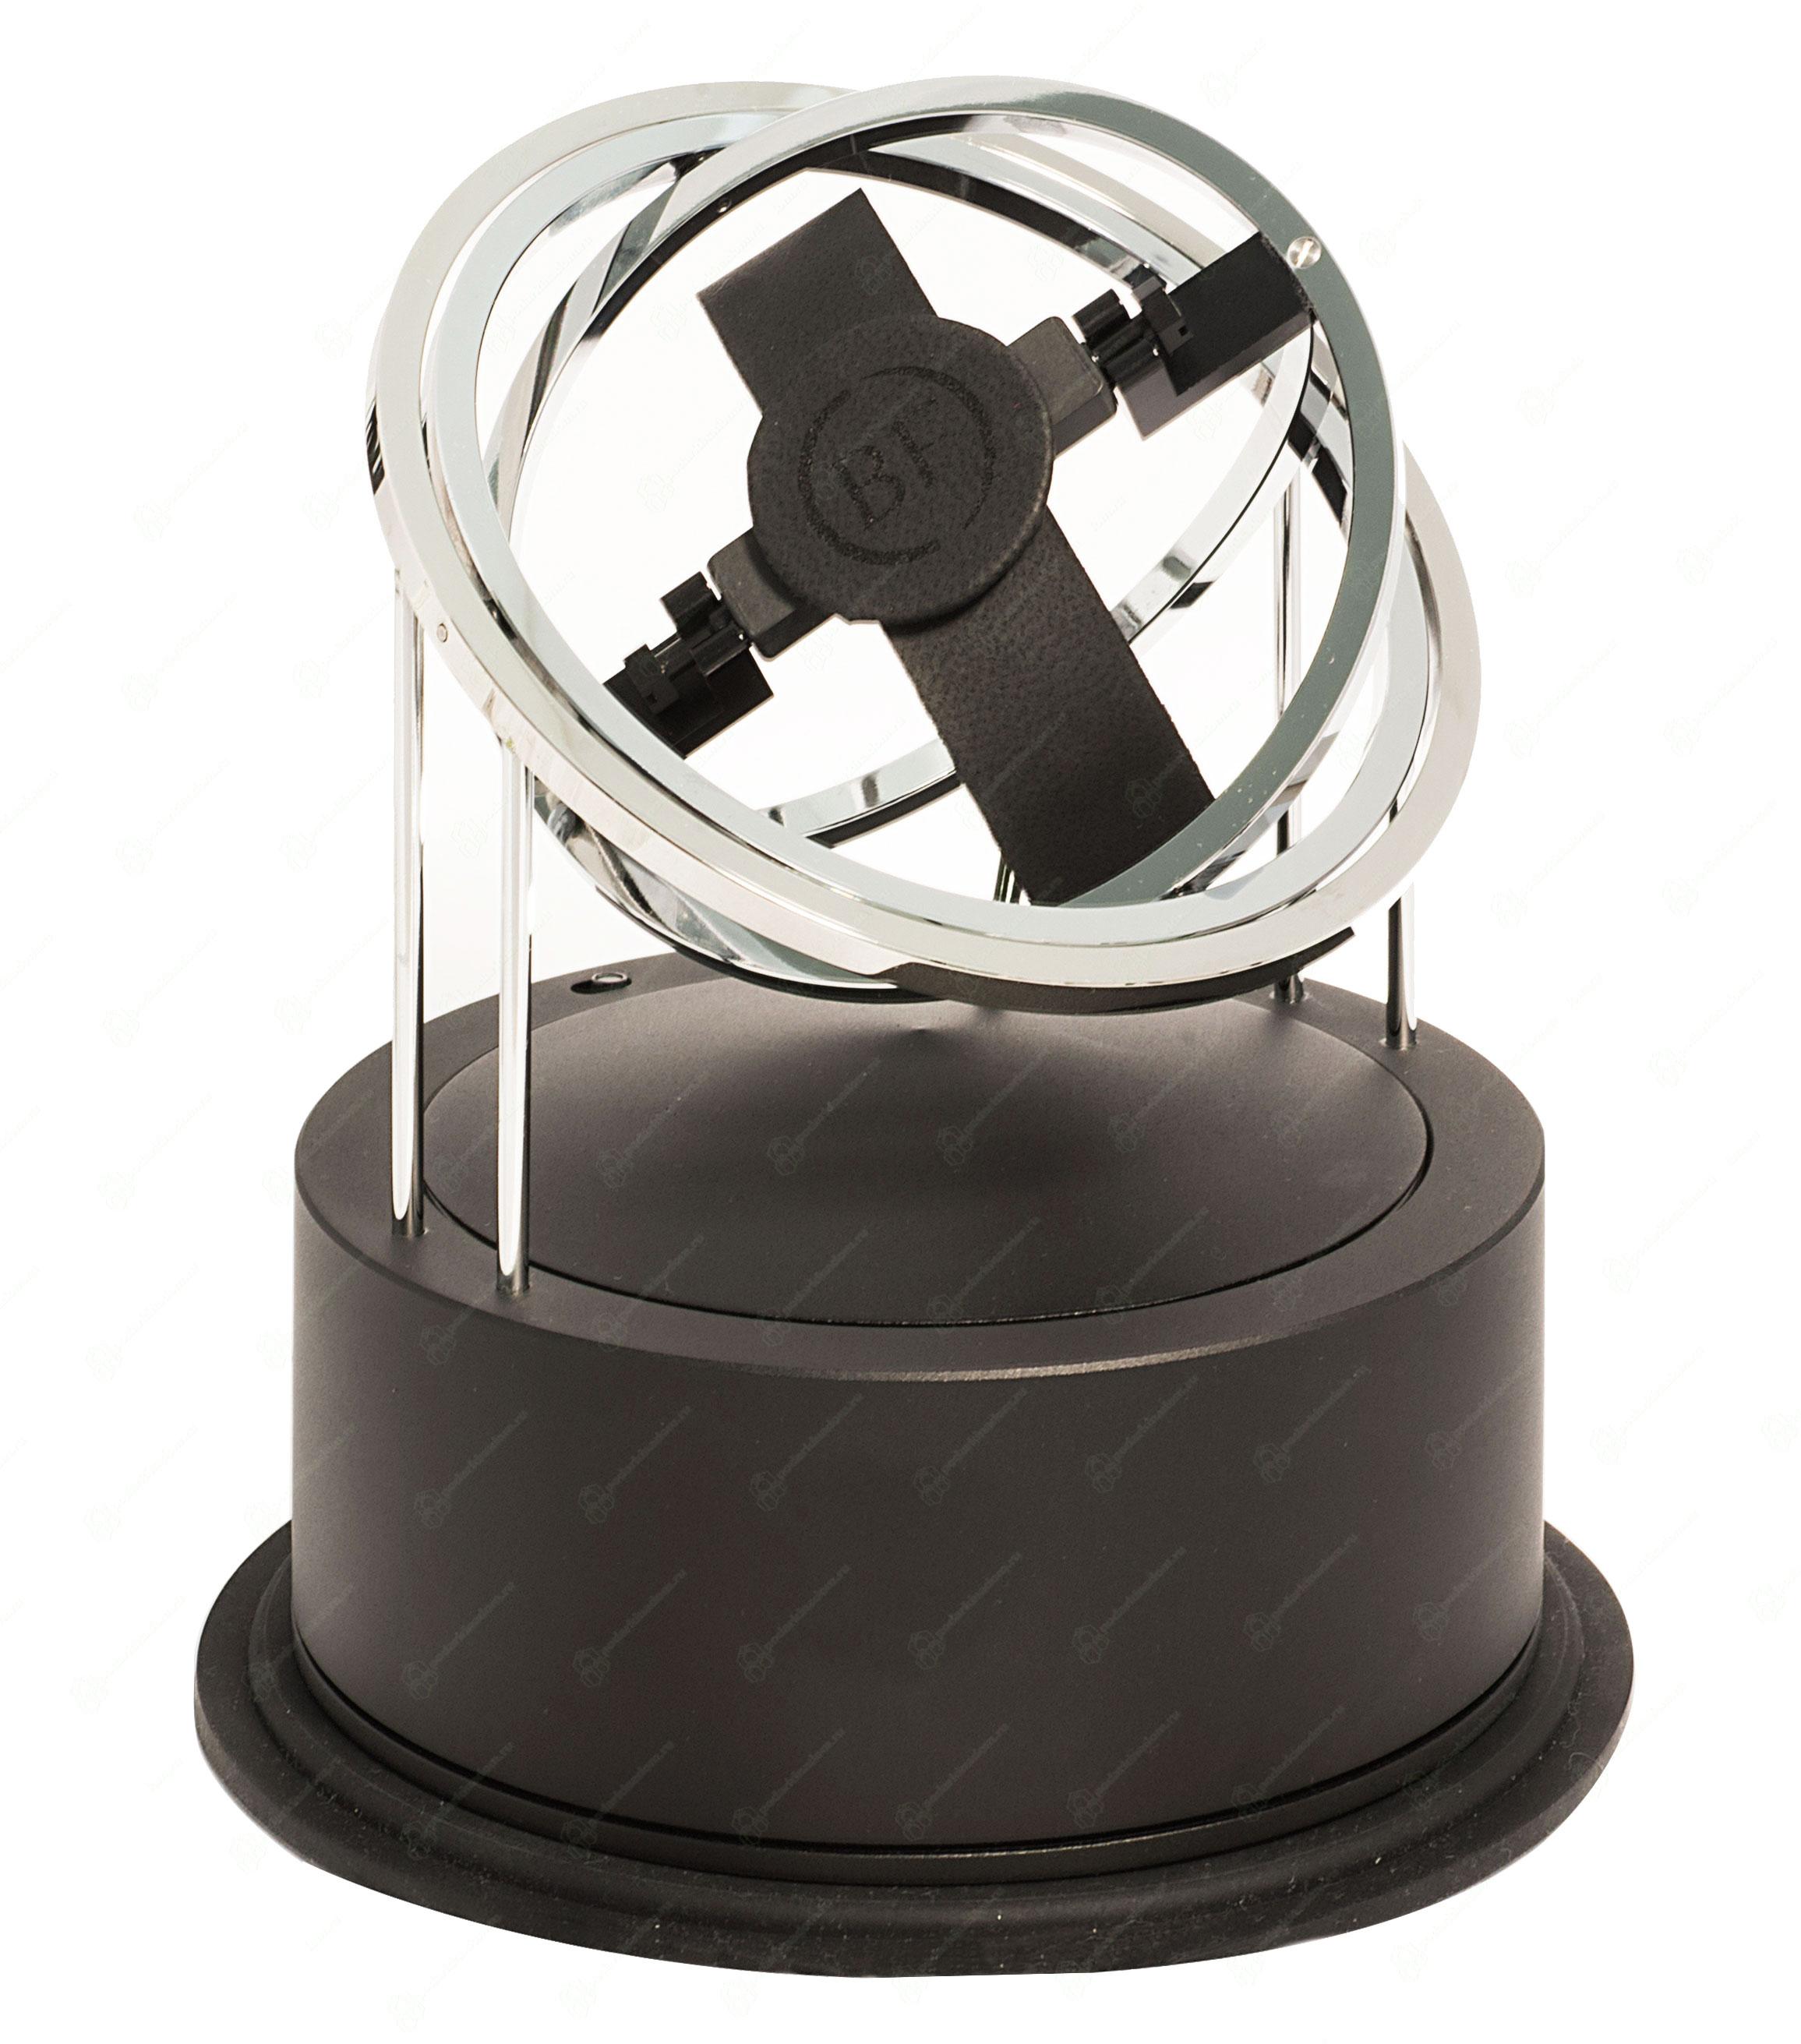 Planet Silver Модуль для завода одних часов из Швейцарии, воплощение элегантности и точности от знаменитого часового мастера. 9 программ для завода. До 120 дней на одном заряде аккумулятора.